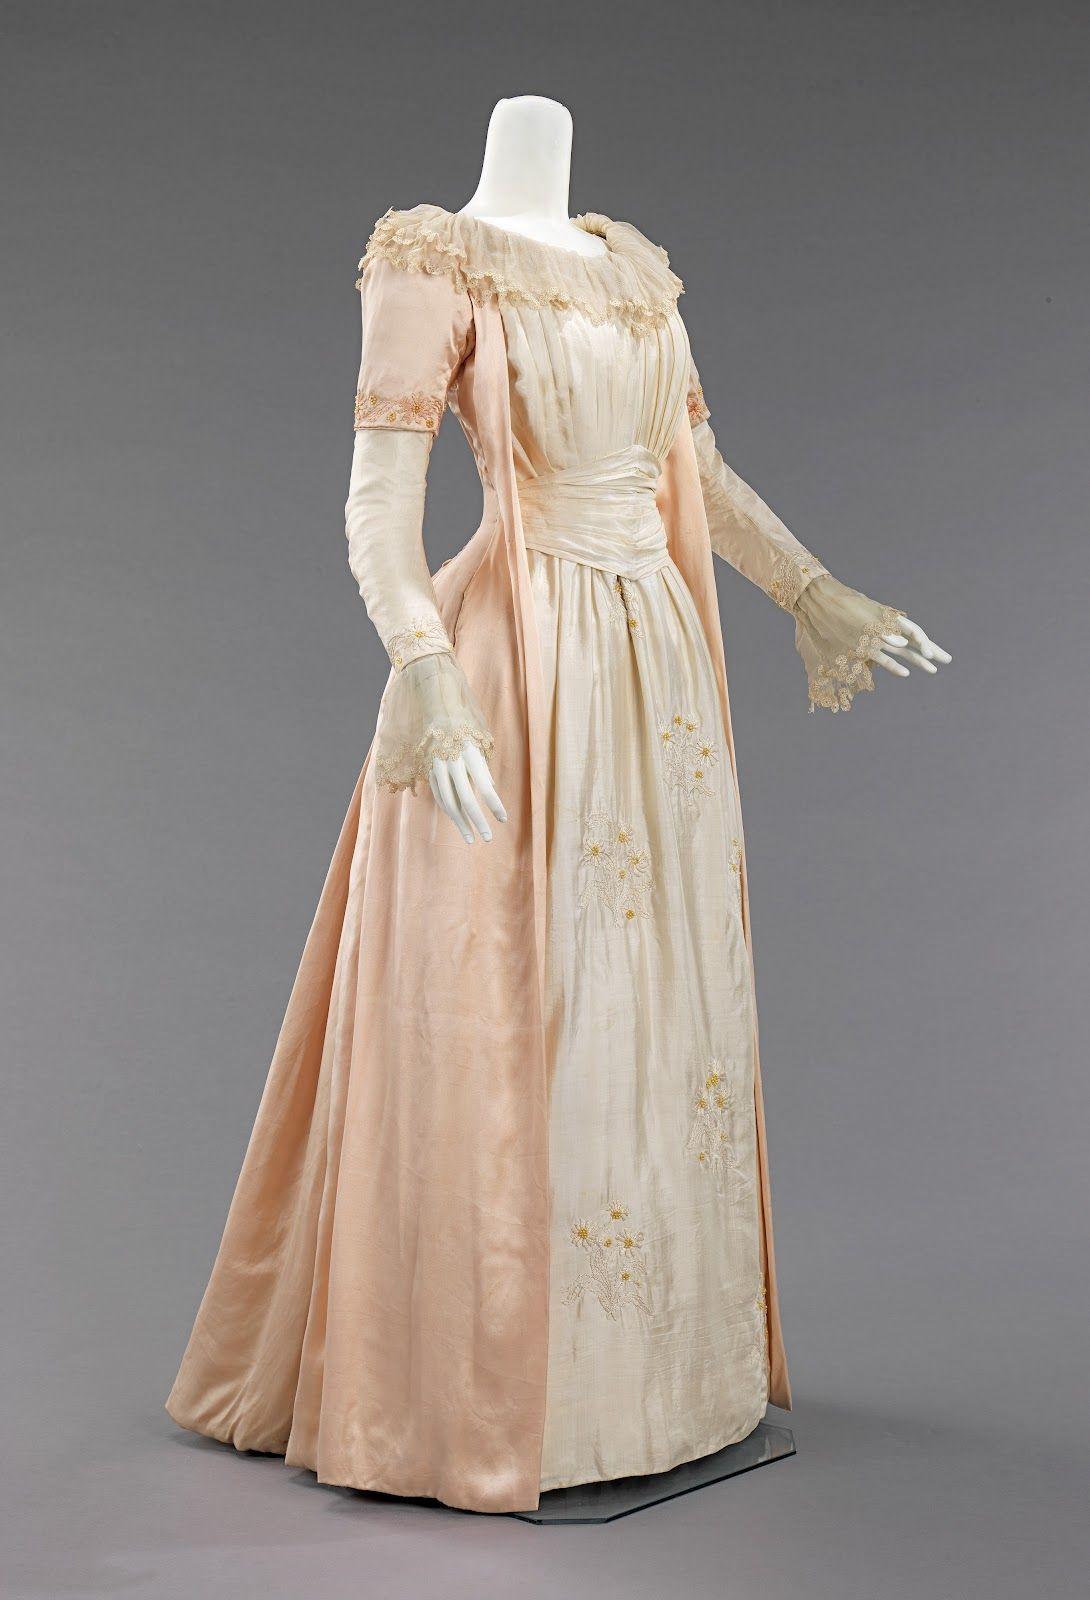 tea gowns | tea gown 1885 britain side view met museum tea gown ...